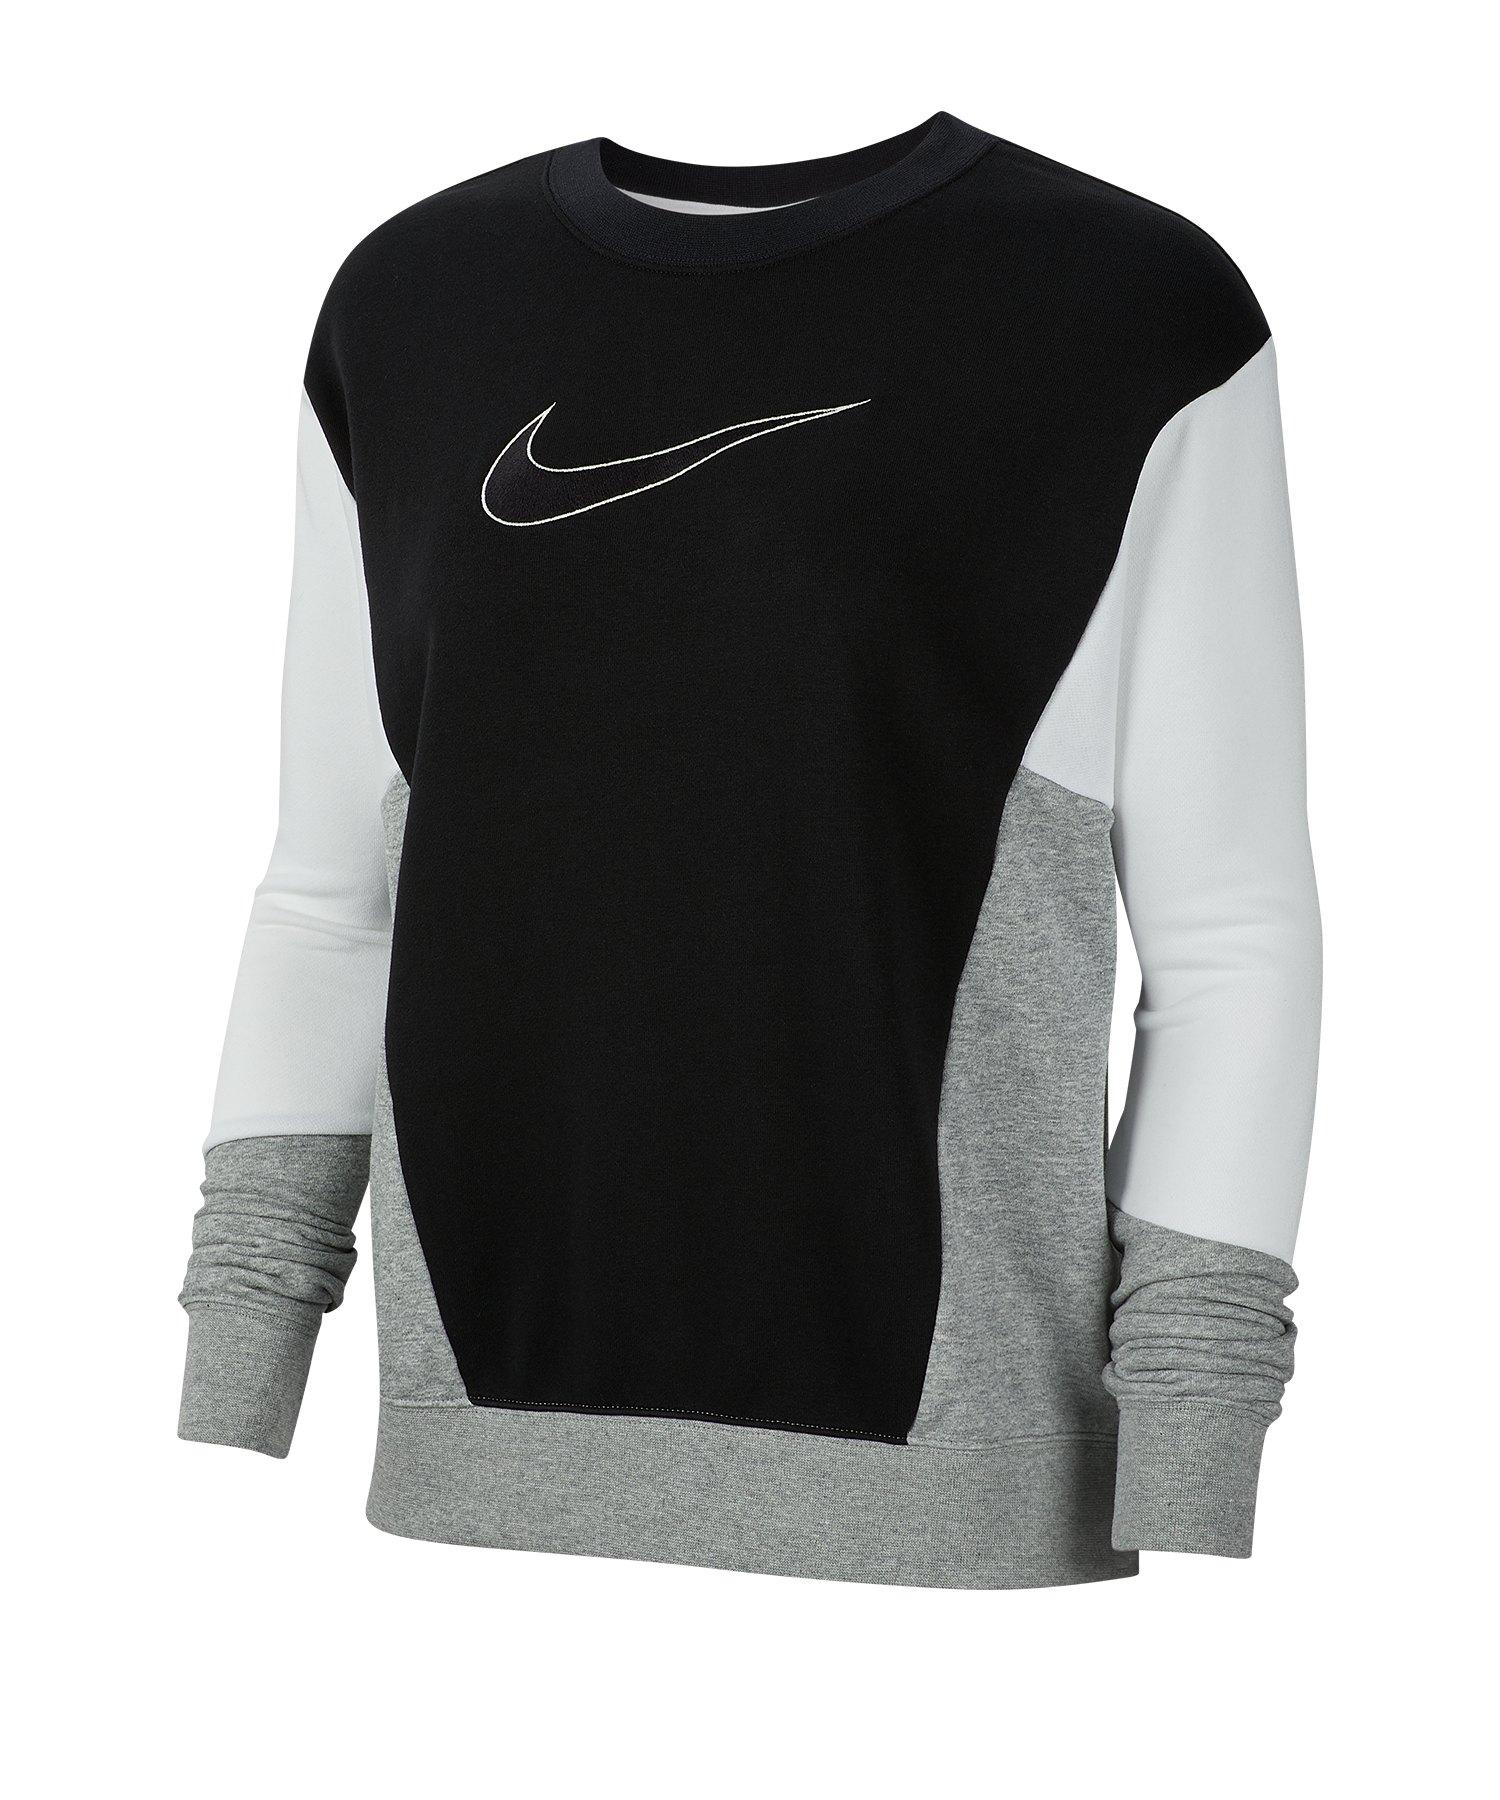 Nike Crew Sweatshirt Damen Schwarz F010 - schwarz